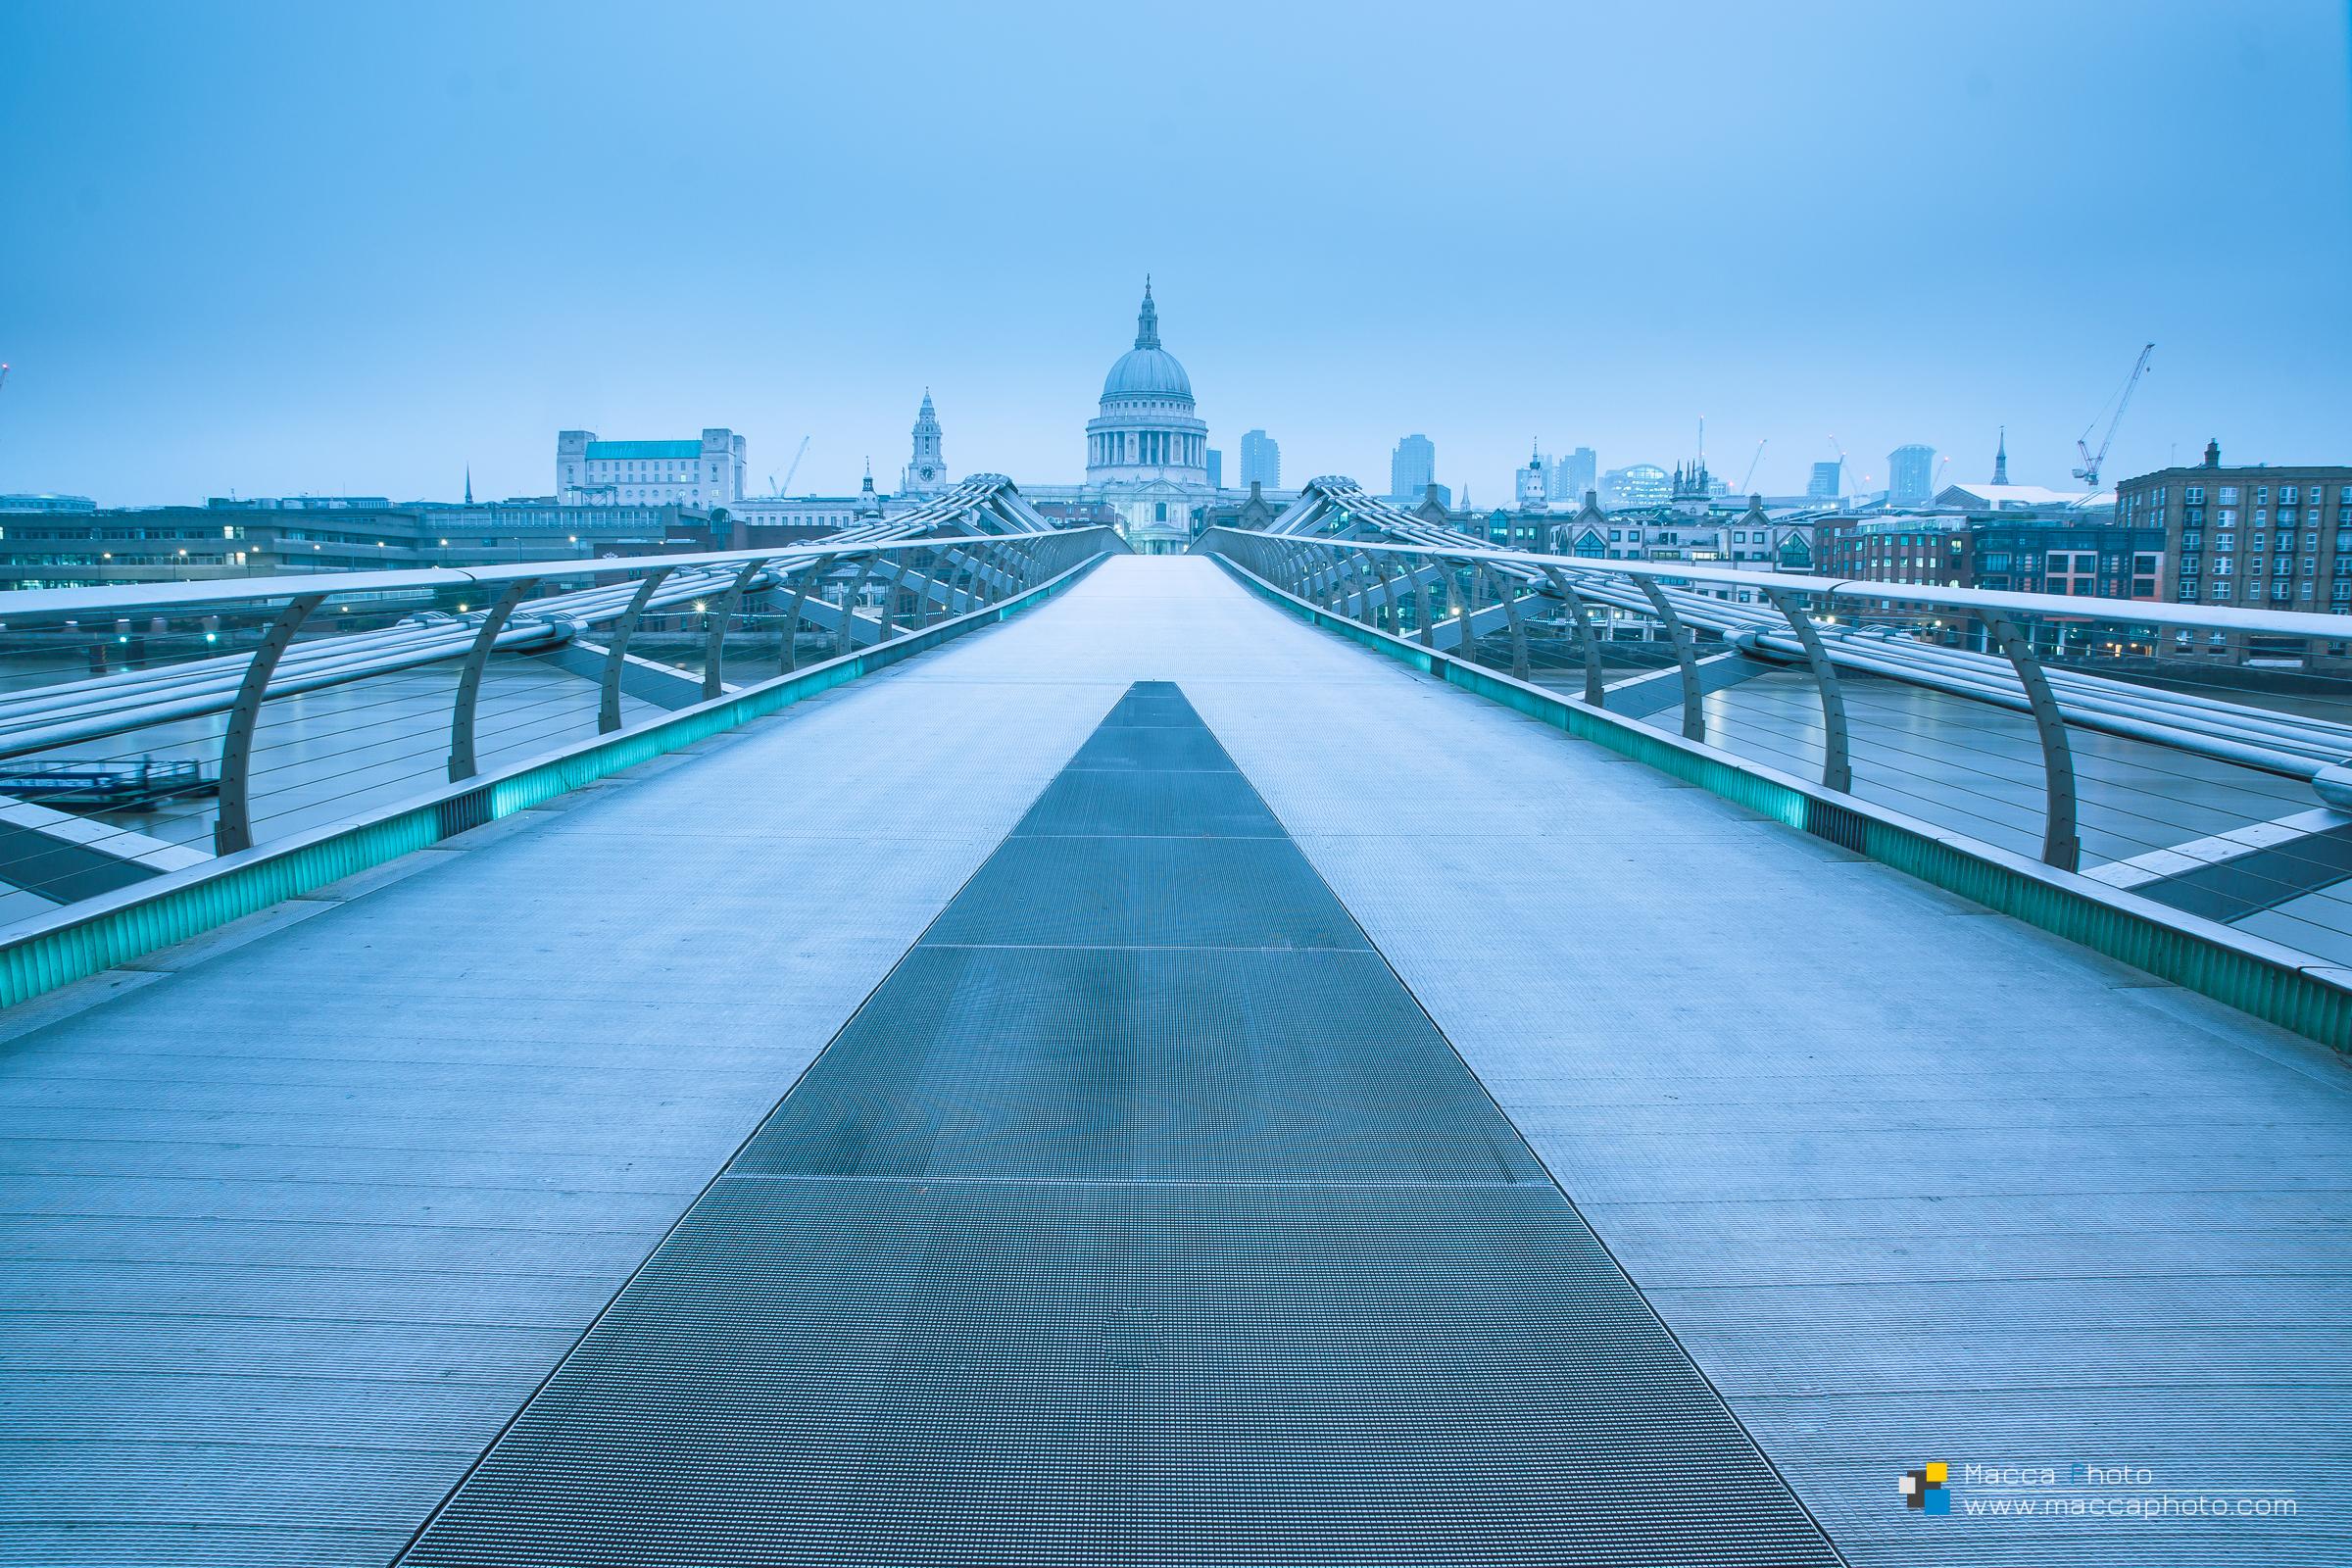 London St Pauls - Landscape